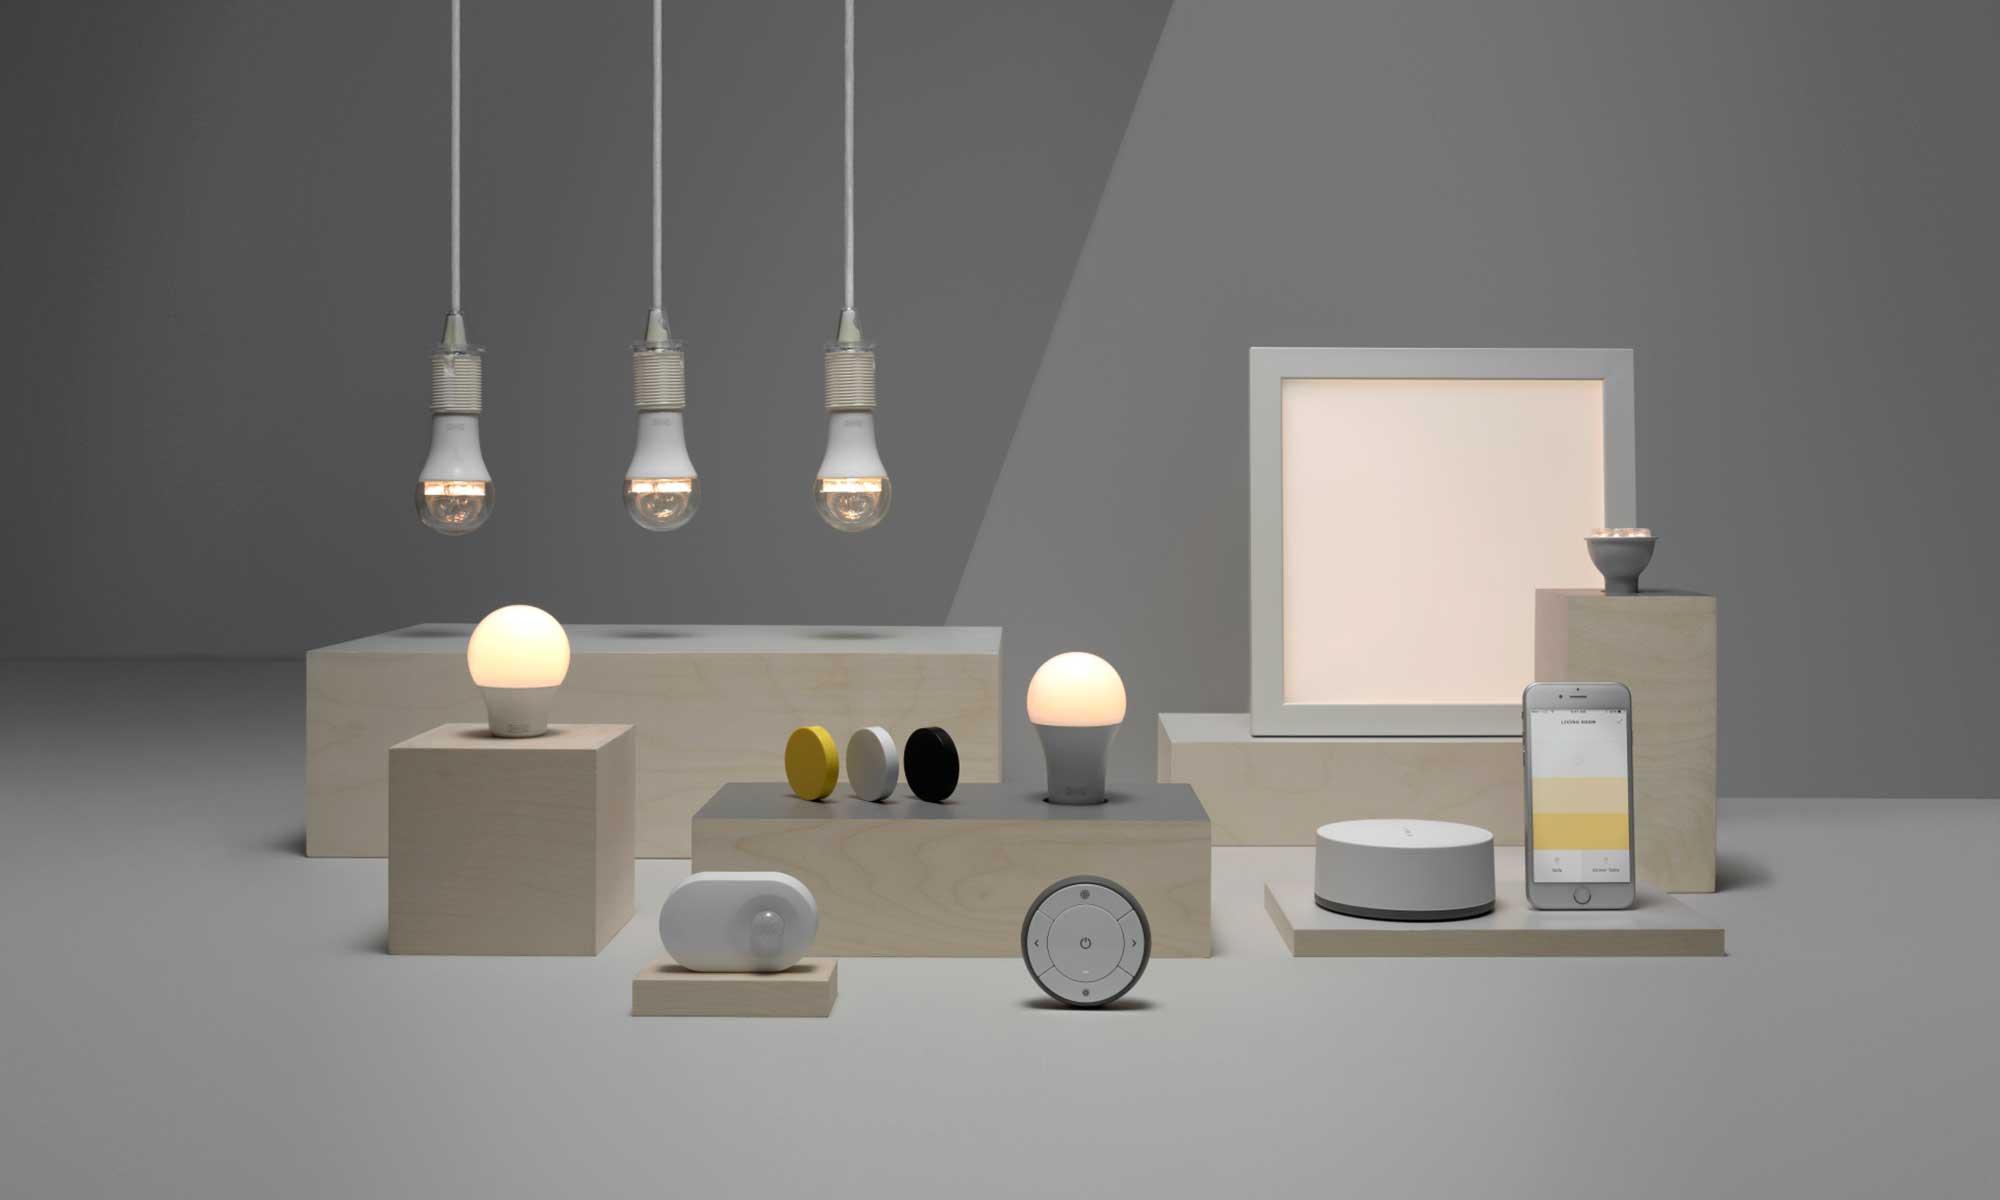 Onderdelen van de IKEA Tradfri smart lighting serie